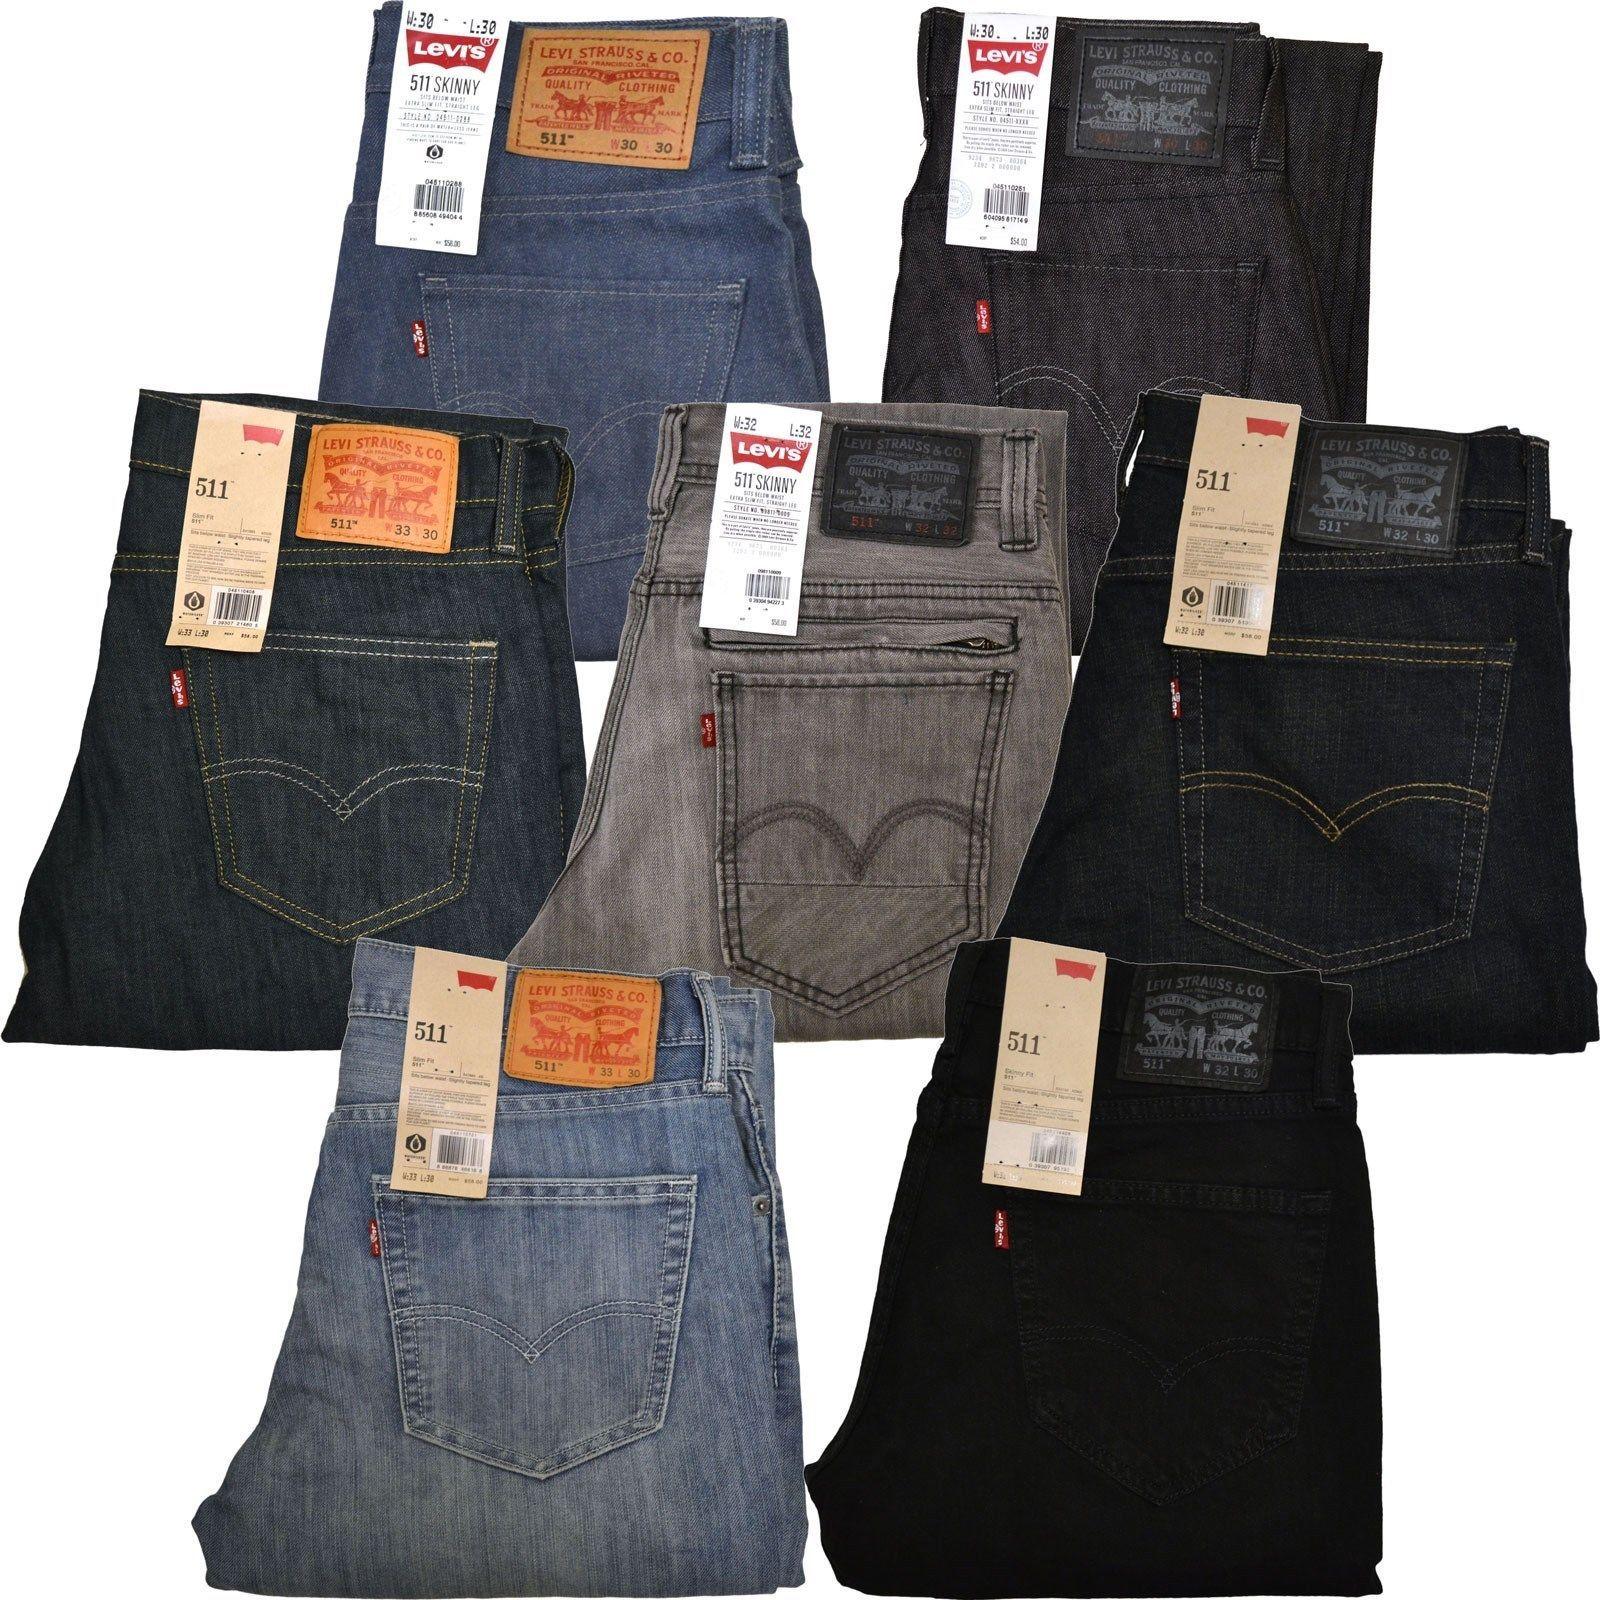 Levis 511 Skinny Jeans Slim Fit Mens Jean Dark Light Medium 29 30 31 32 33 34 36 Pantalones Levis Hombre Moda Ropa Hombre Ropa De Hombre